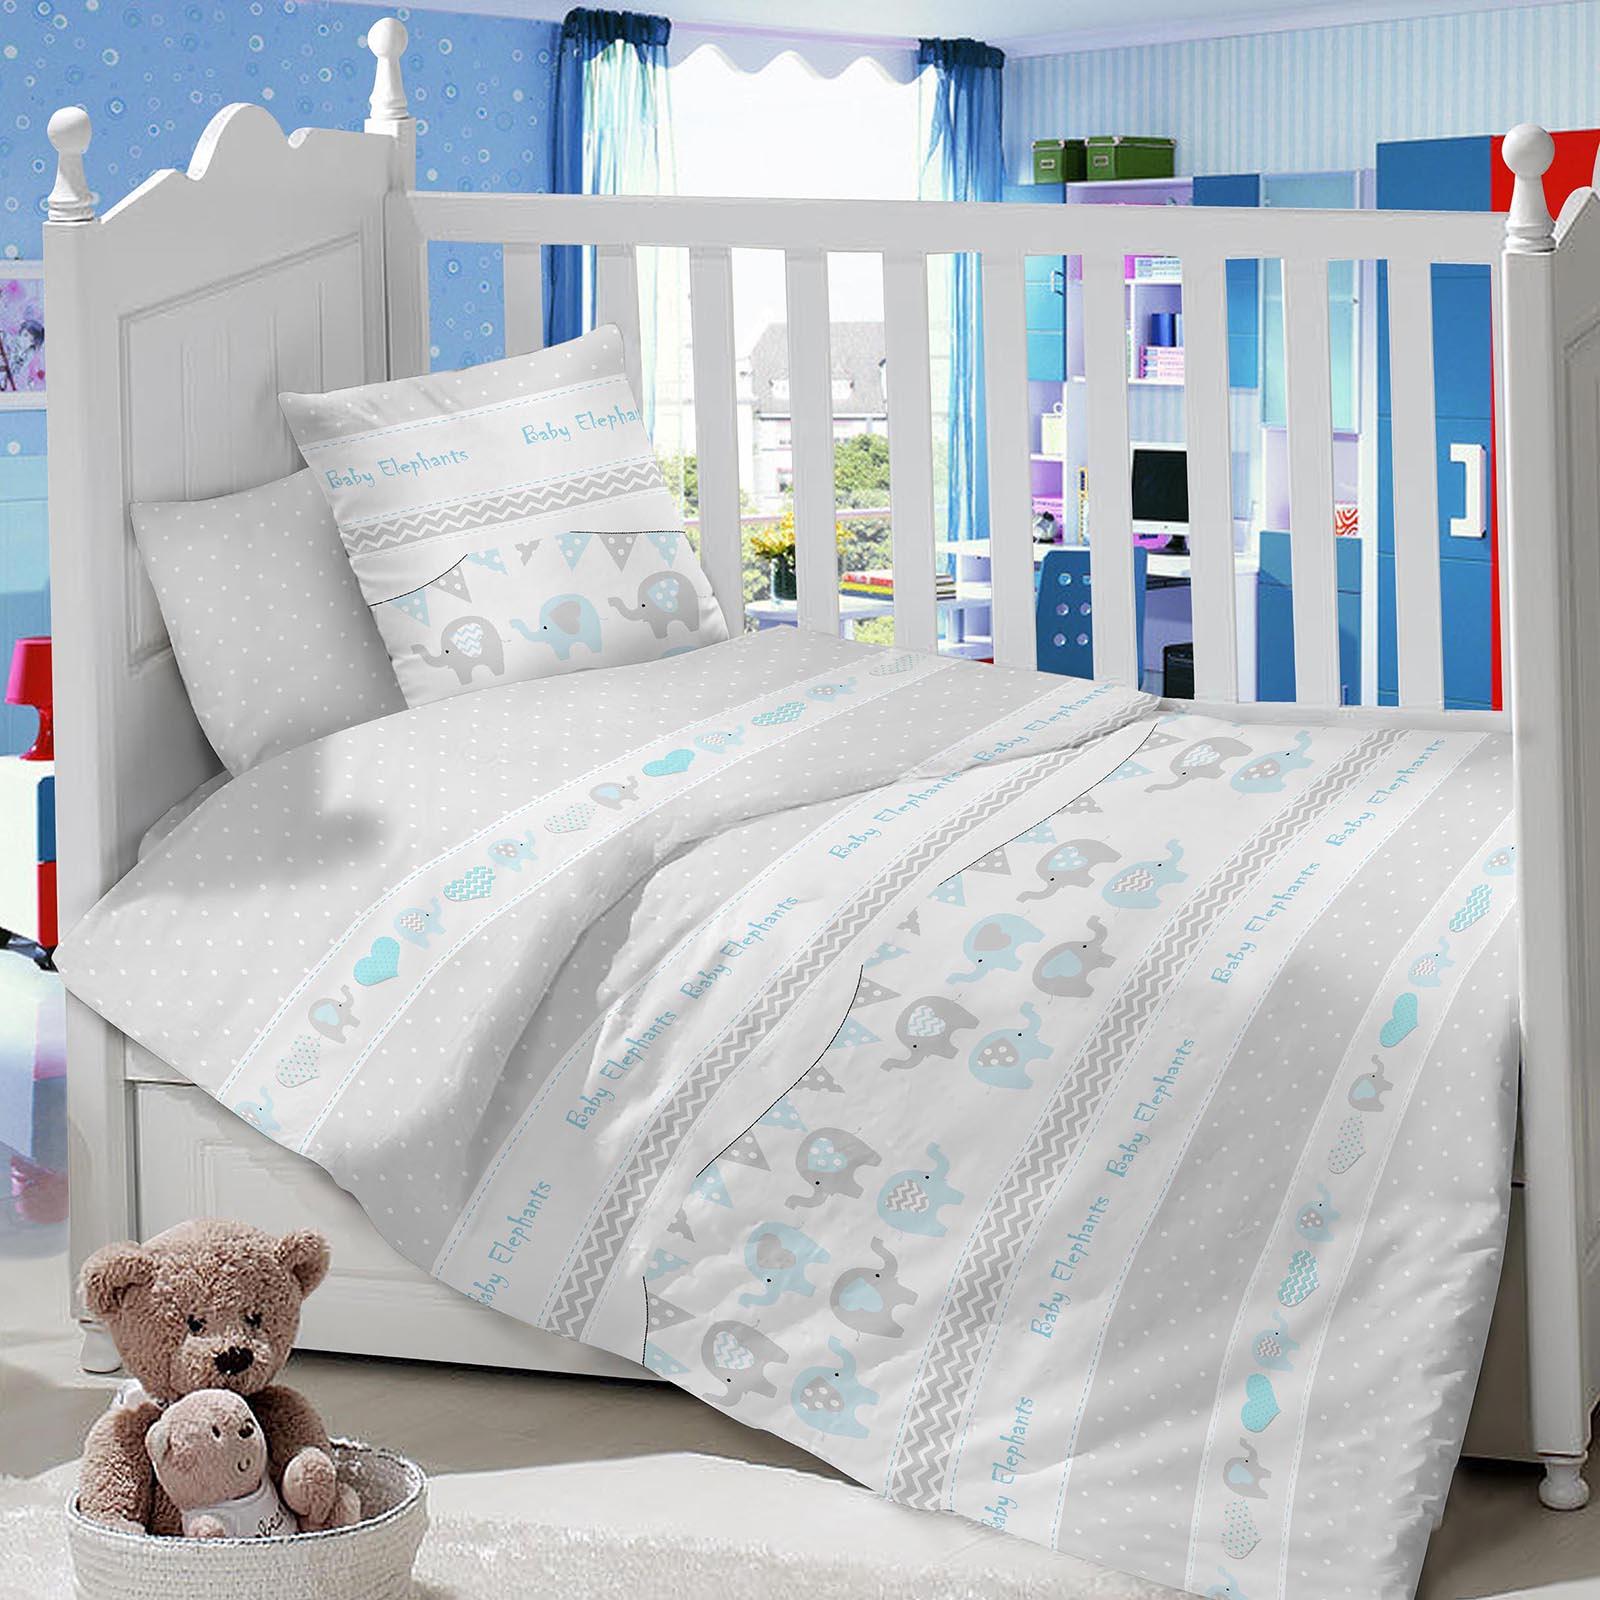 Комплект в кроватку LIMETIME Комплект в кроватку, простыня на резинке, LT1000-20, серый